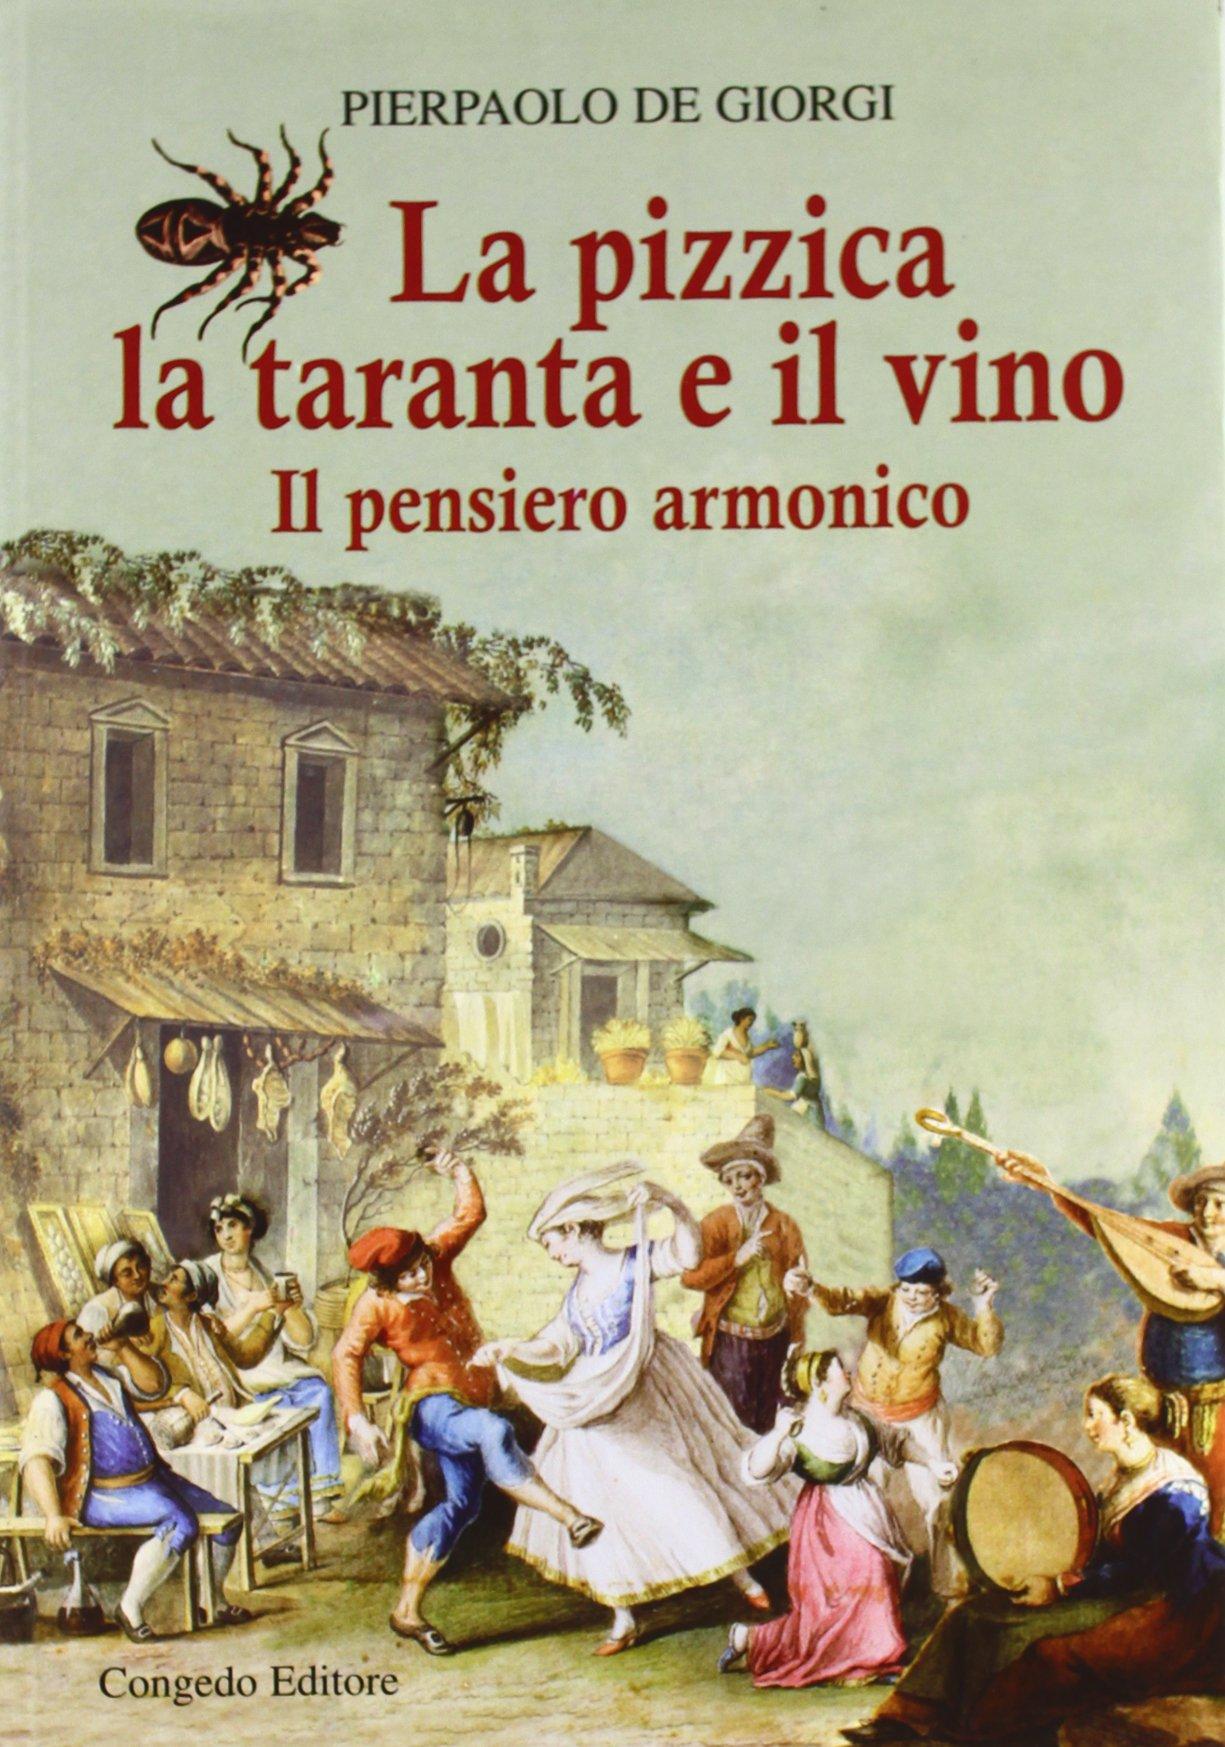 La pizzica, la taranta e il vino. Il pensiero armonico - De Giorgi,  Pierpaolo - Libri - Amazon.it